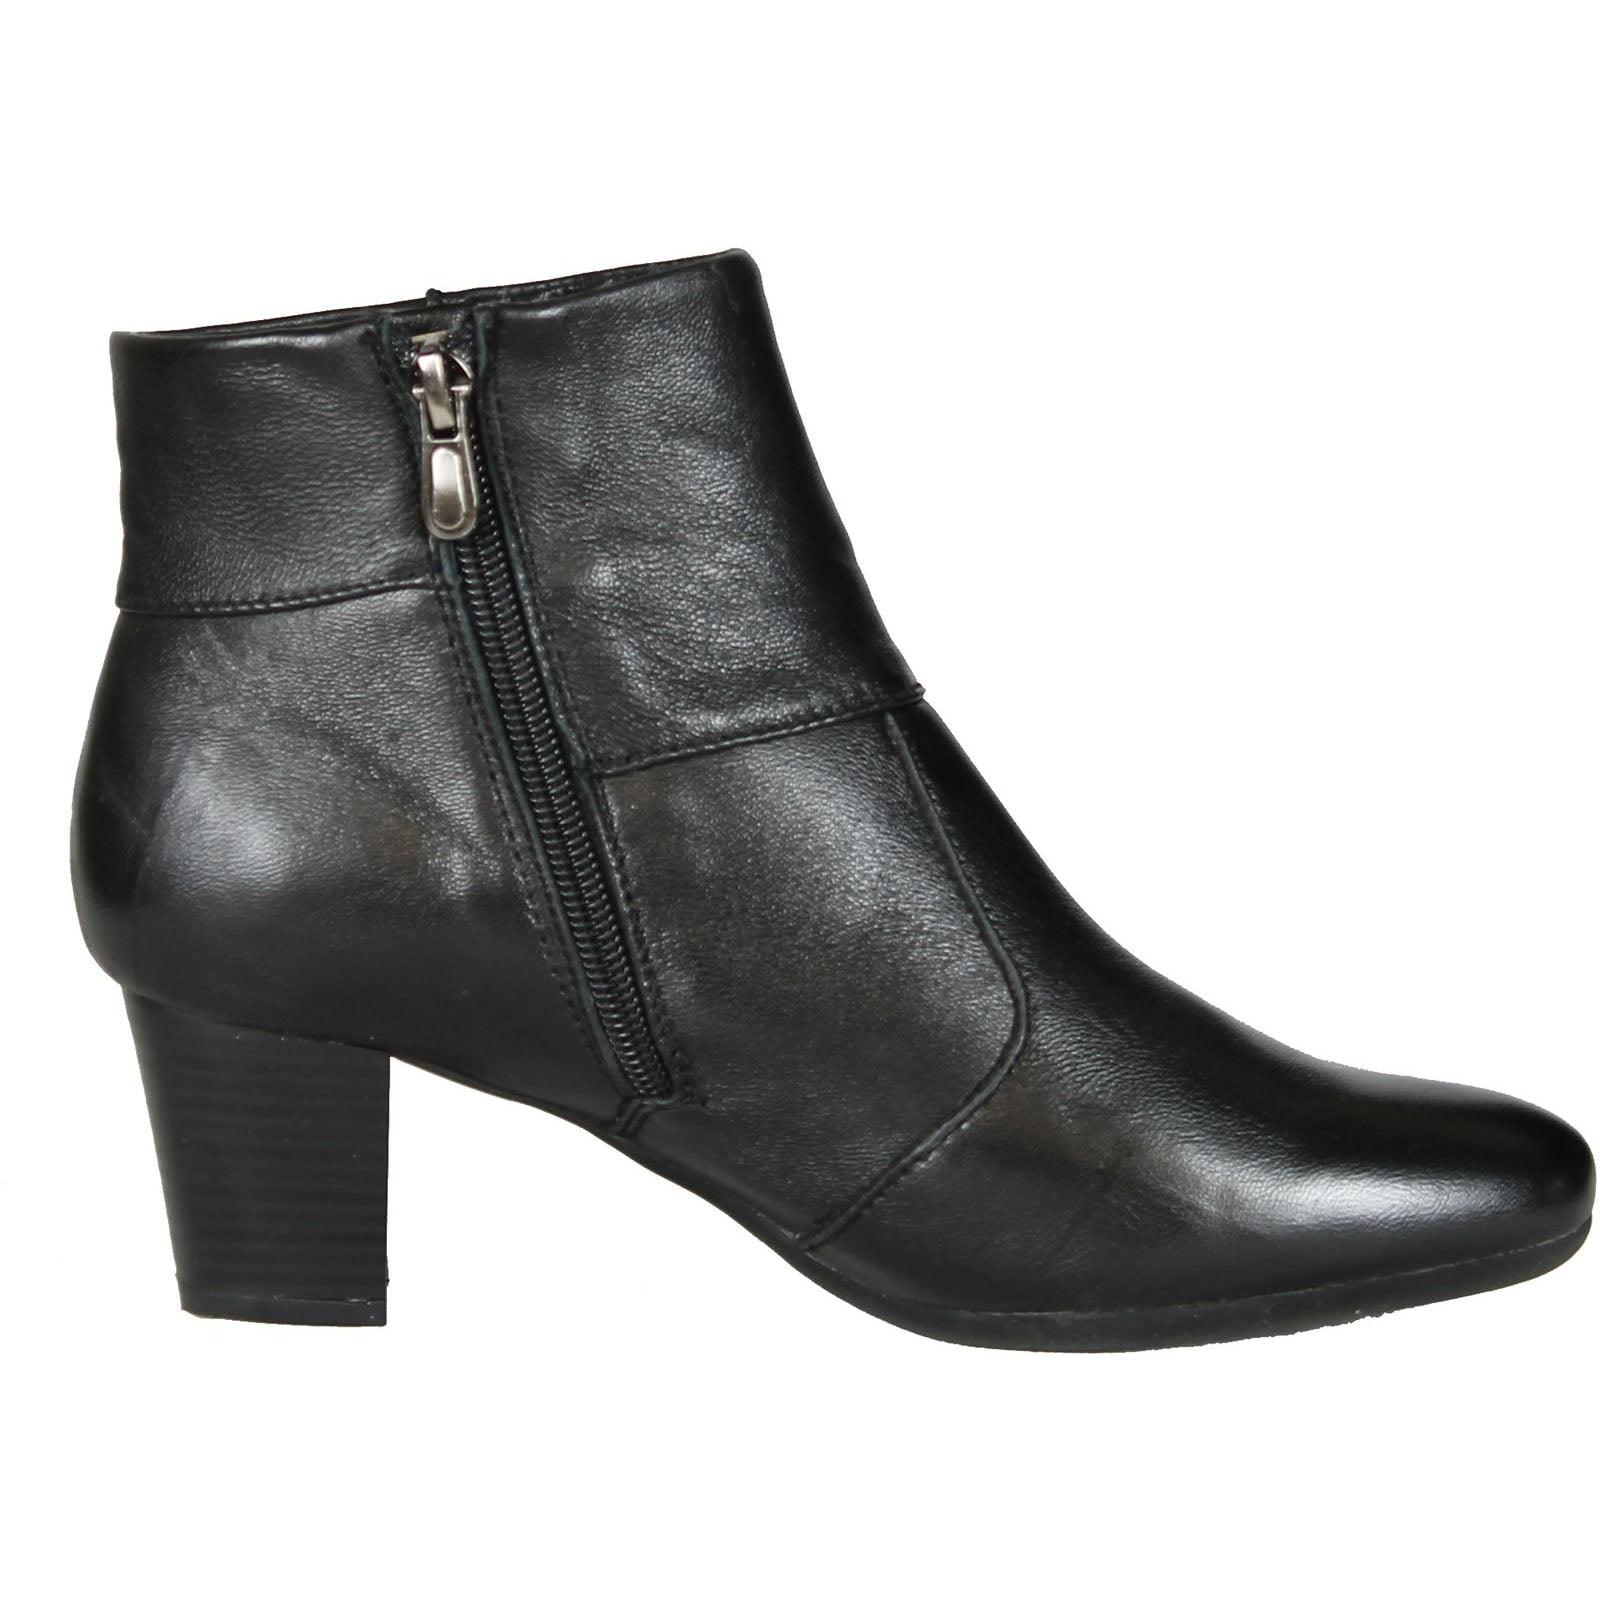 Women's Spring Step Zip Boots 5.5-6 BLACK 36 M EU 5.5-6 Boots M 3a11d6